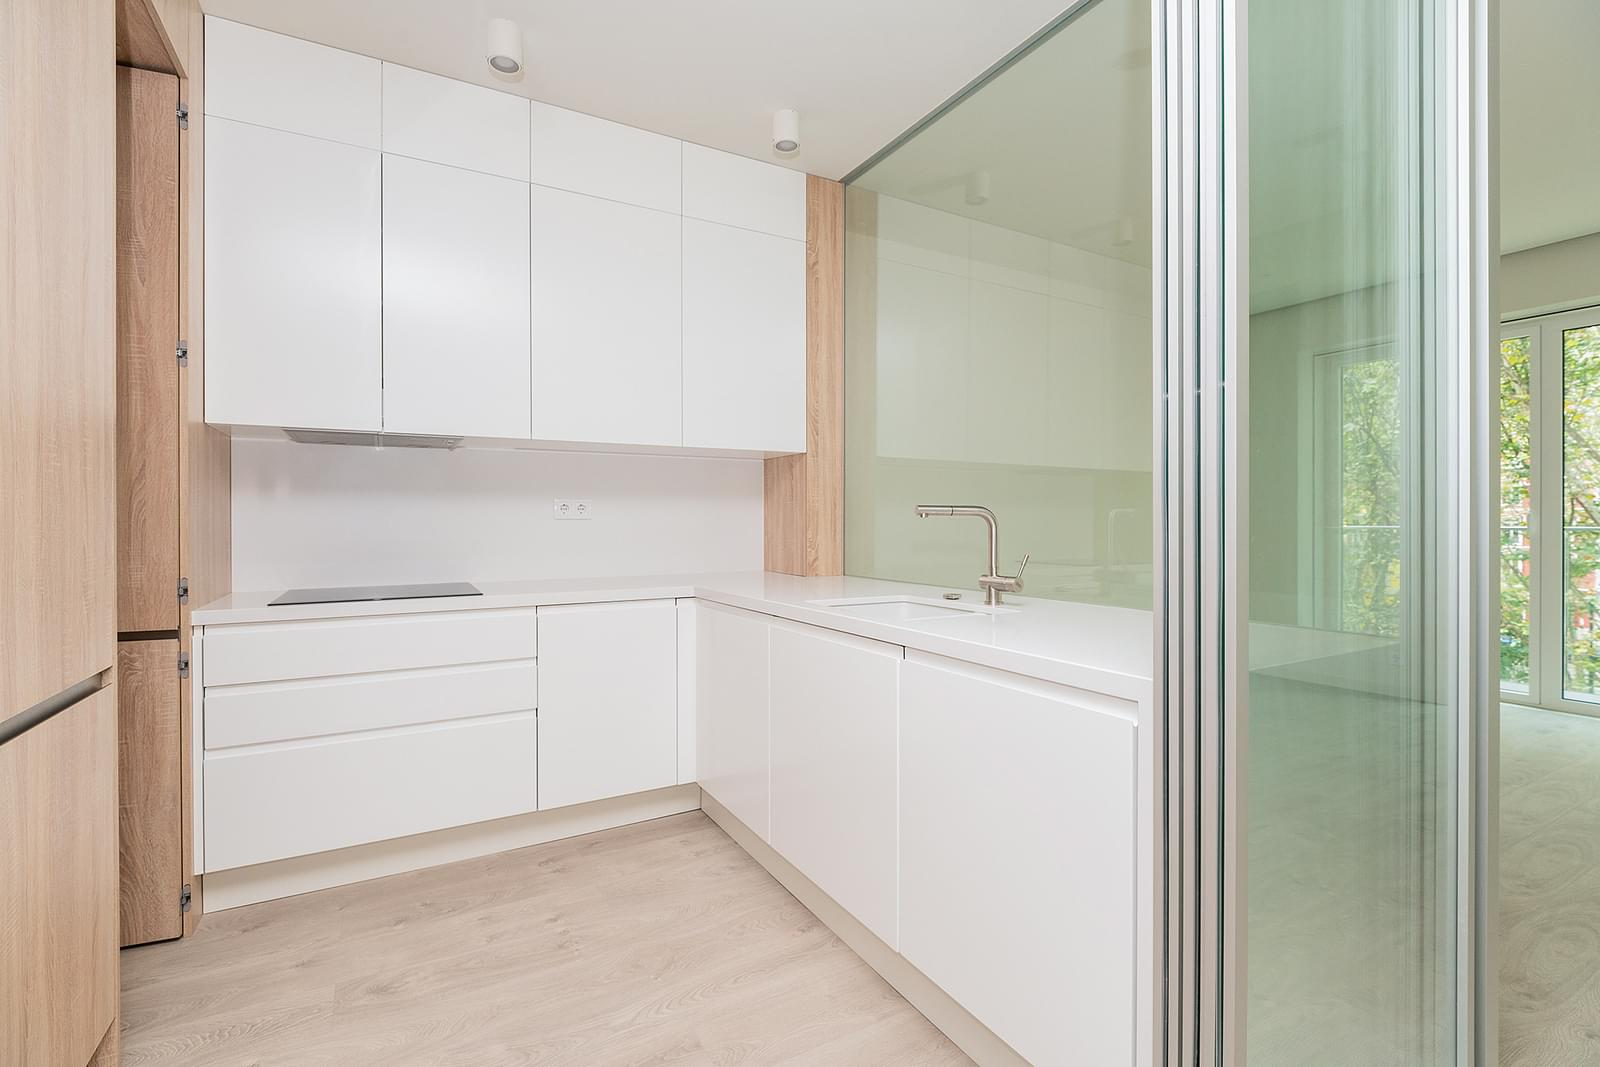 pf18308-apartamento-t2-lisboa-00f74dfc-19dd-4133-aeff-4f697f8ca71d